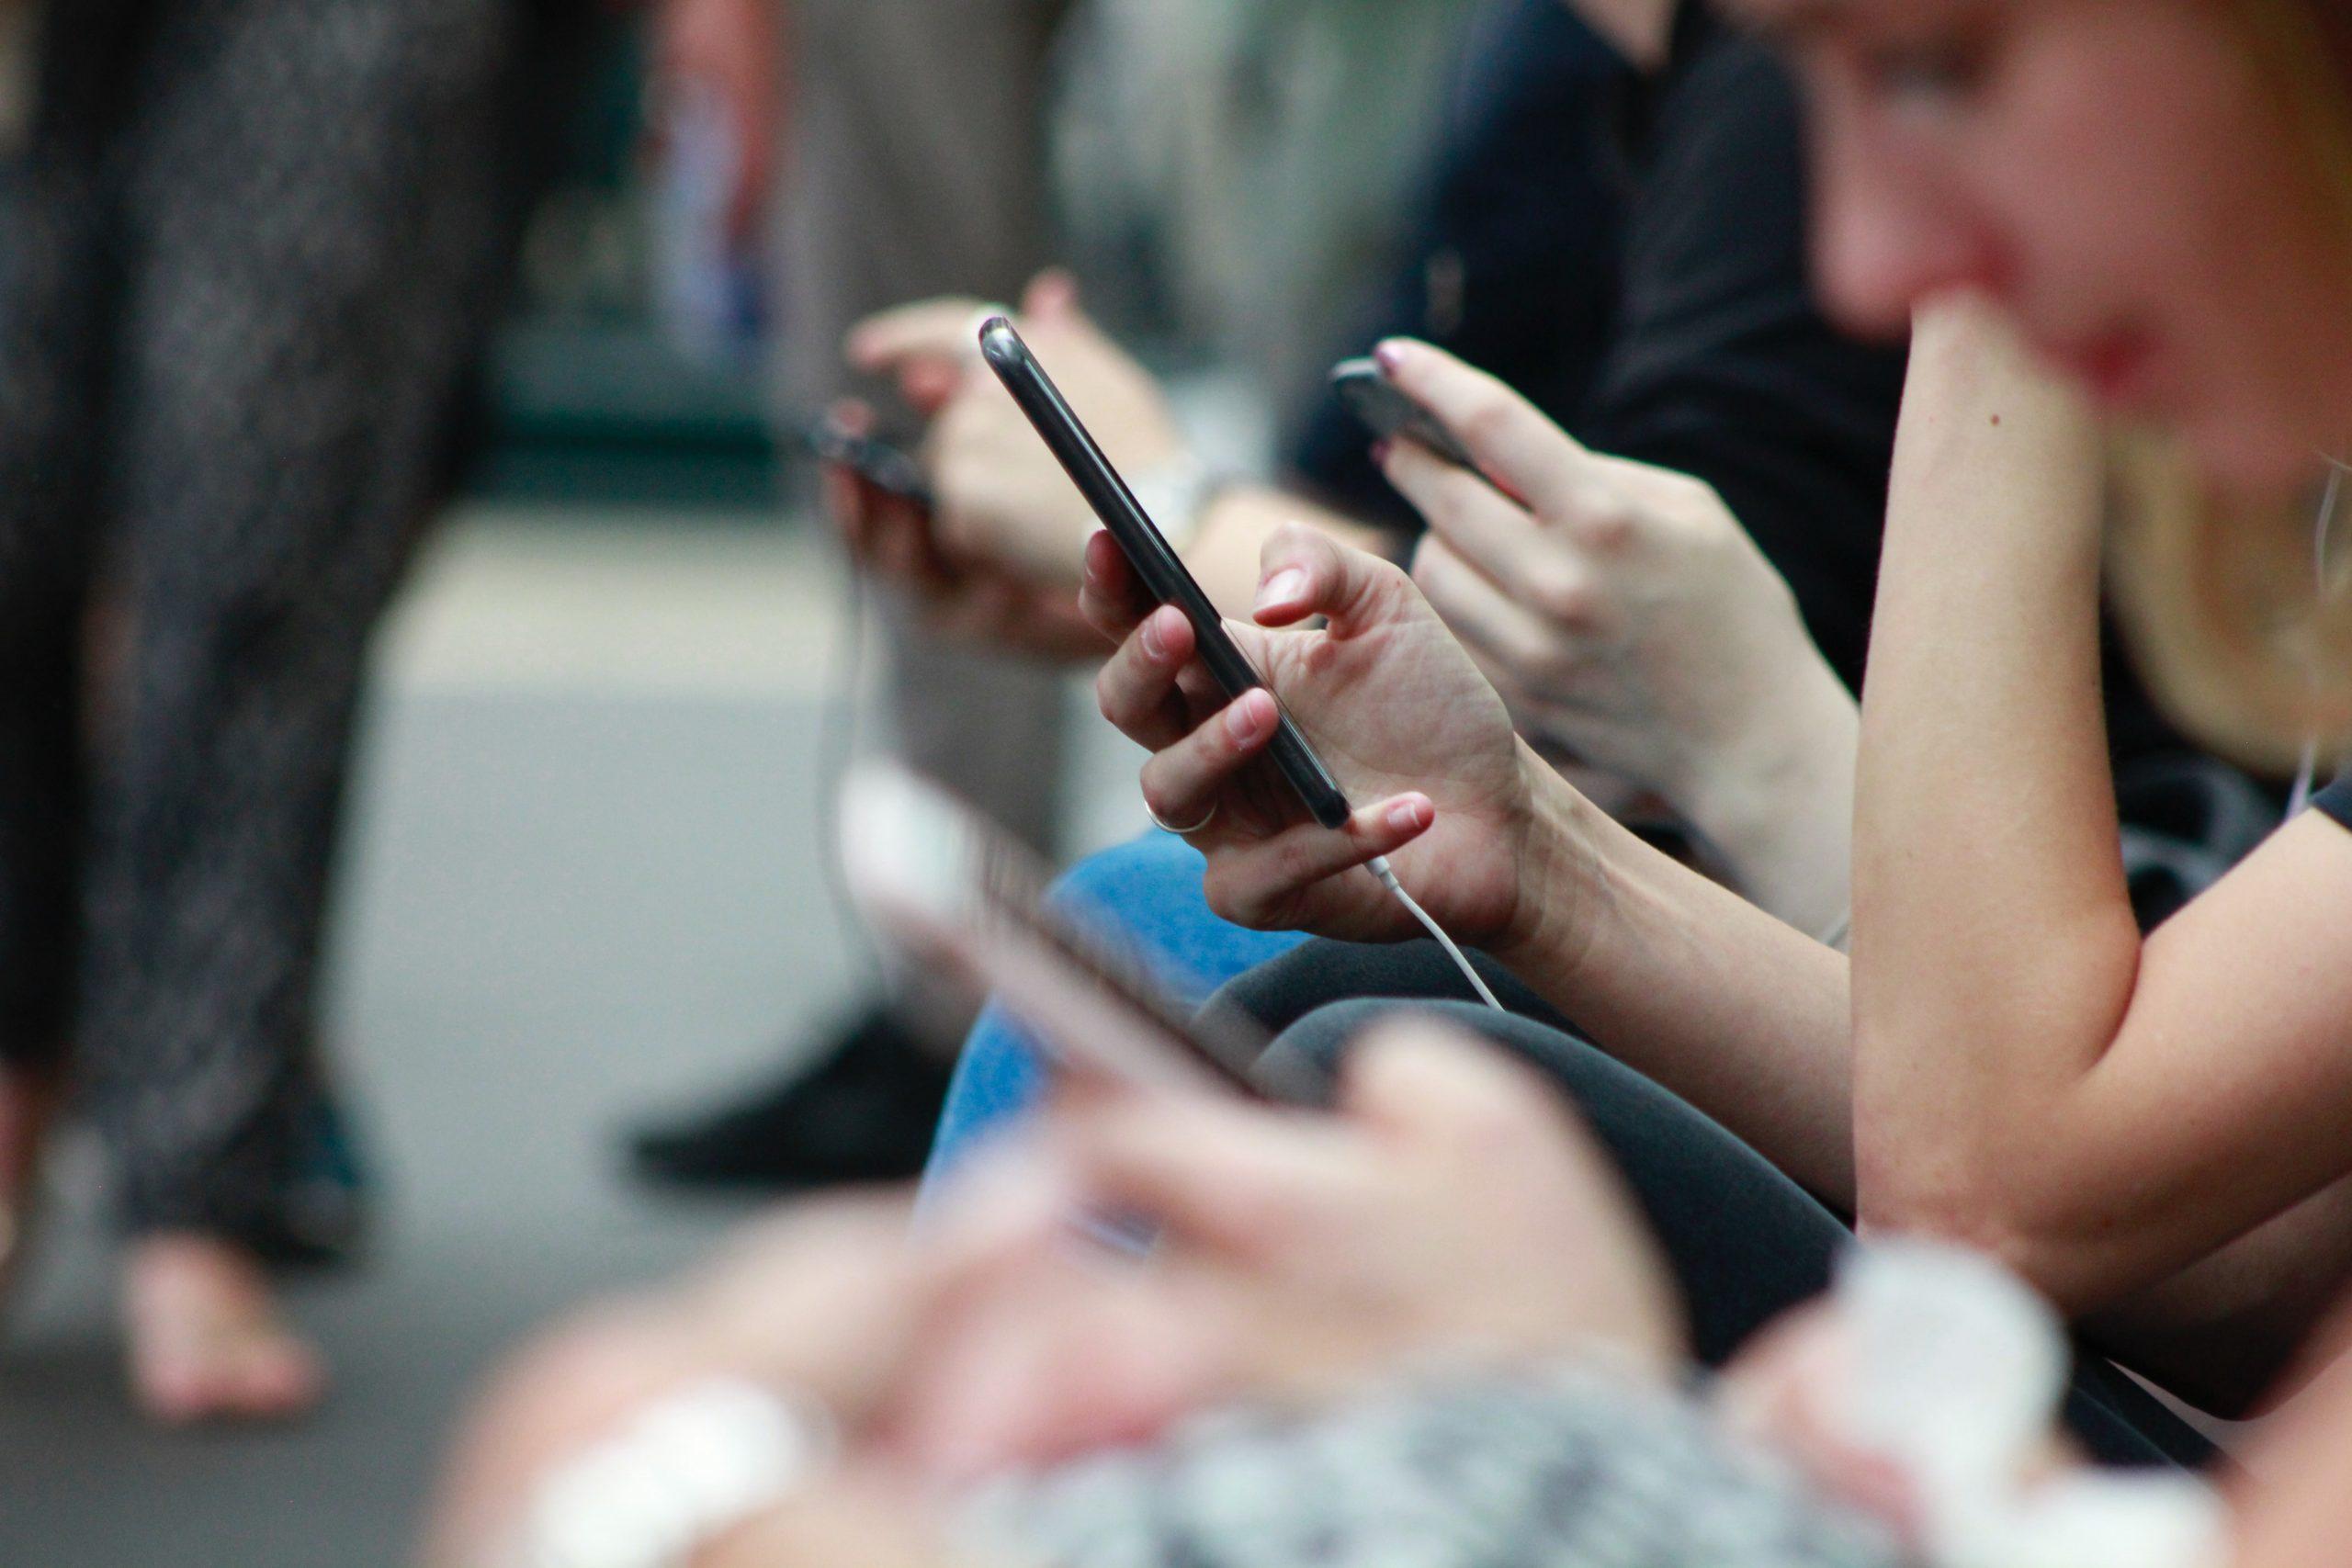 O Whatsapp e a nossa dependência